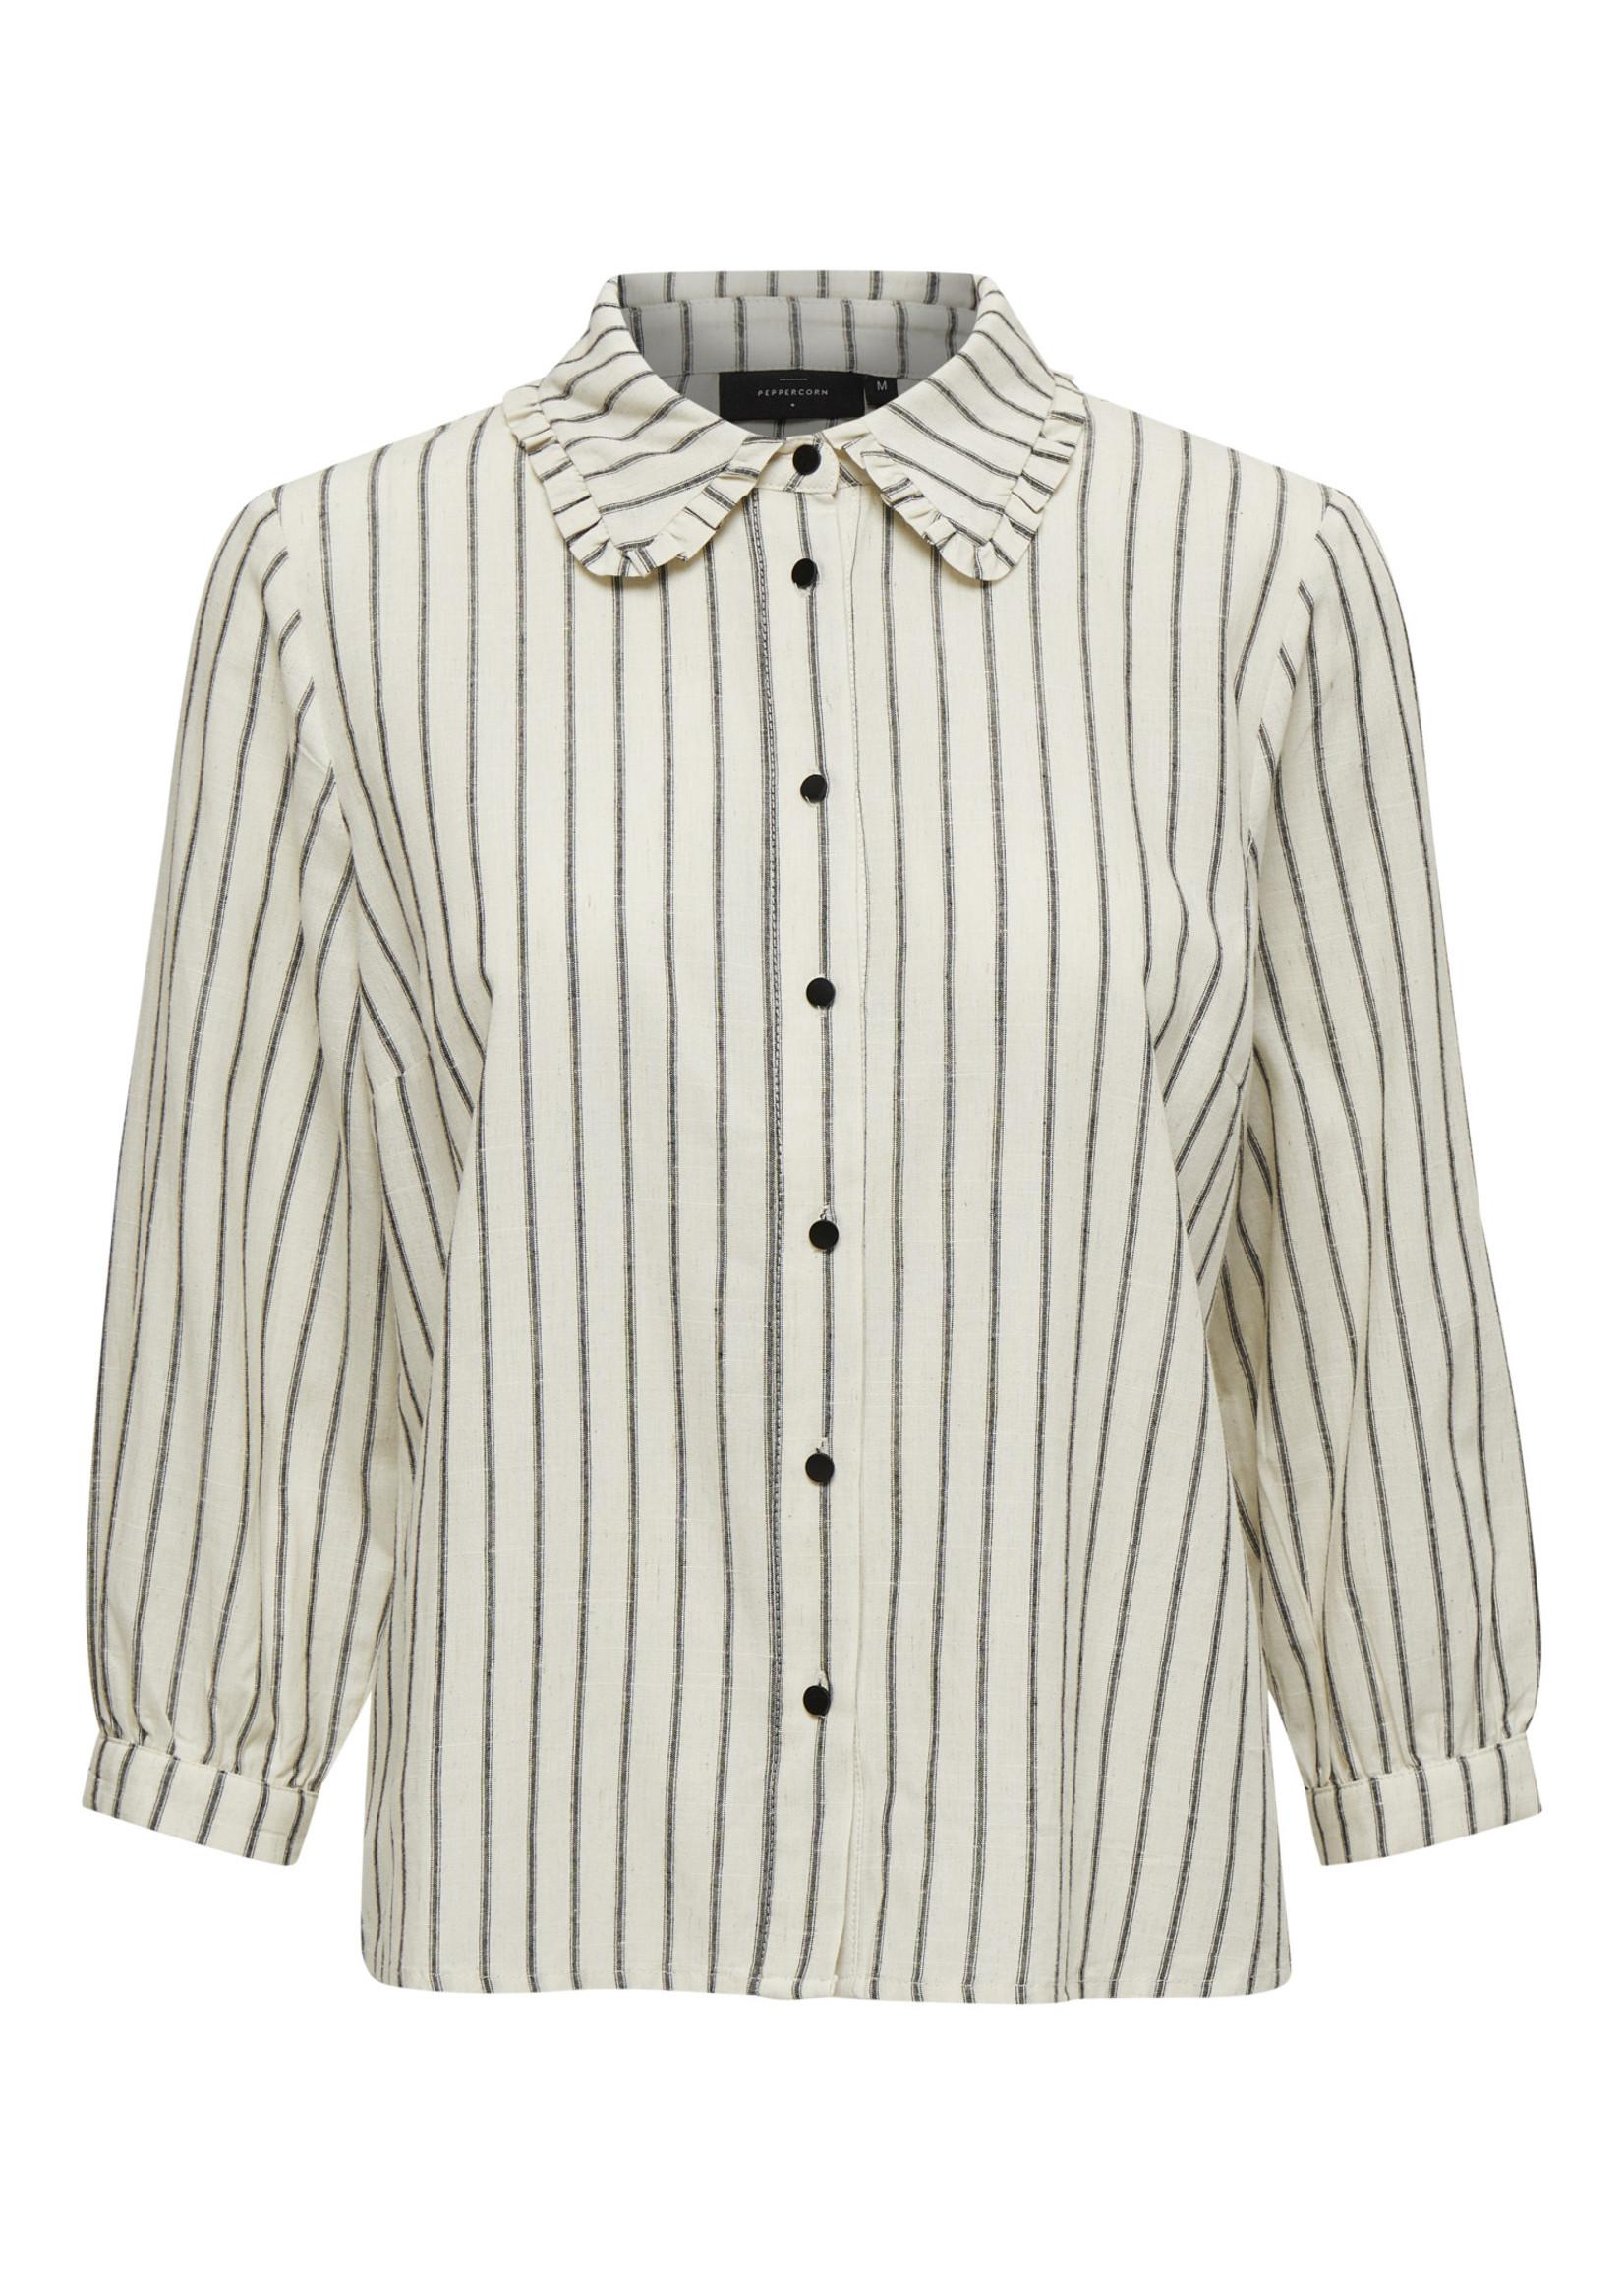 PEPPERCORN Louisa Shirt White